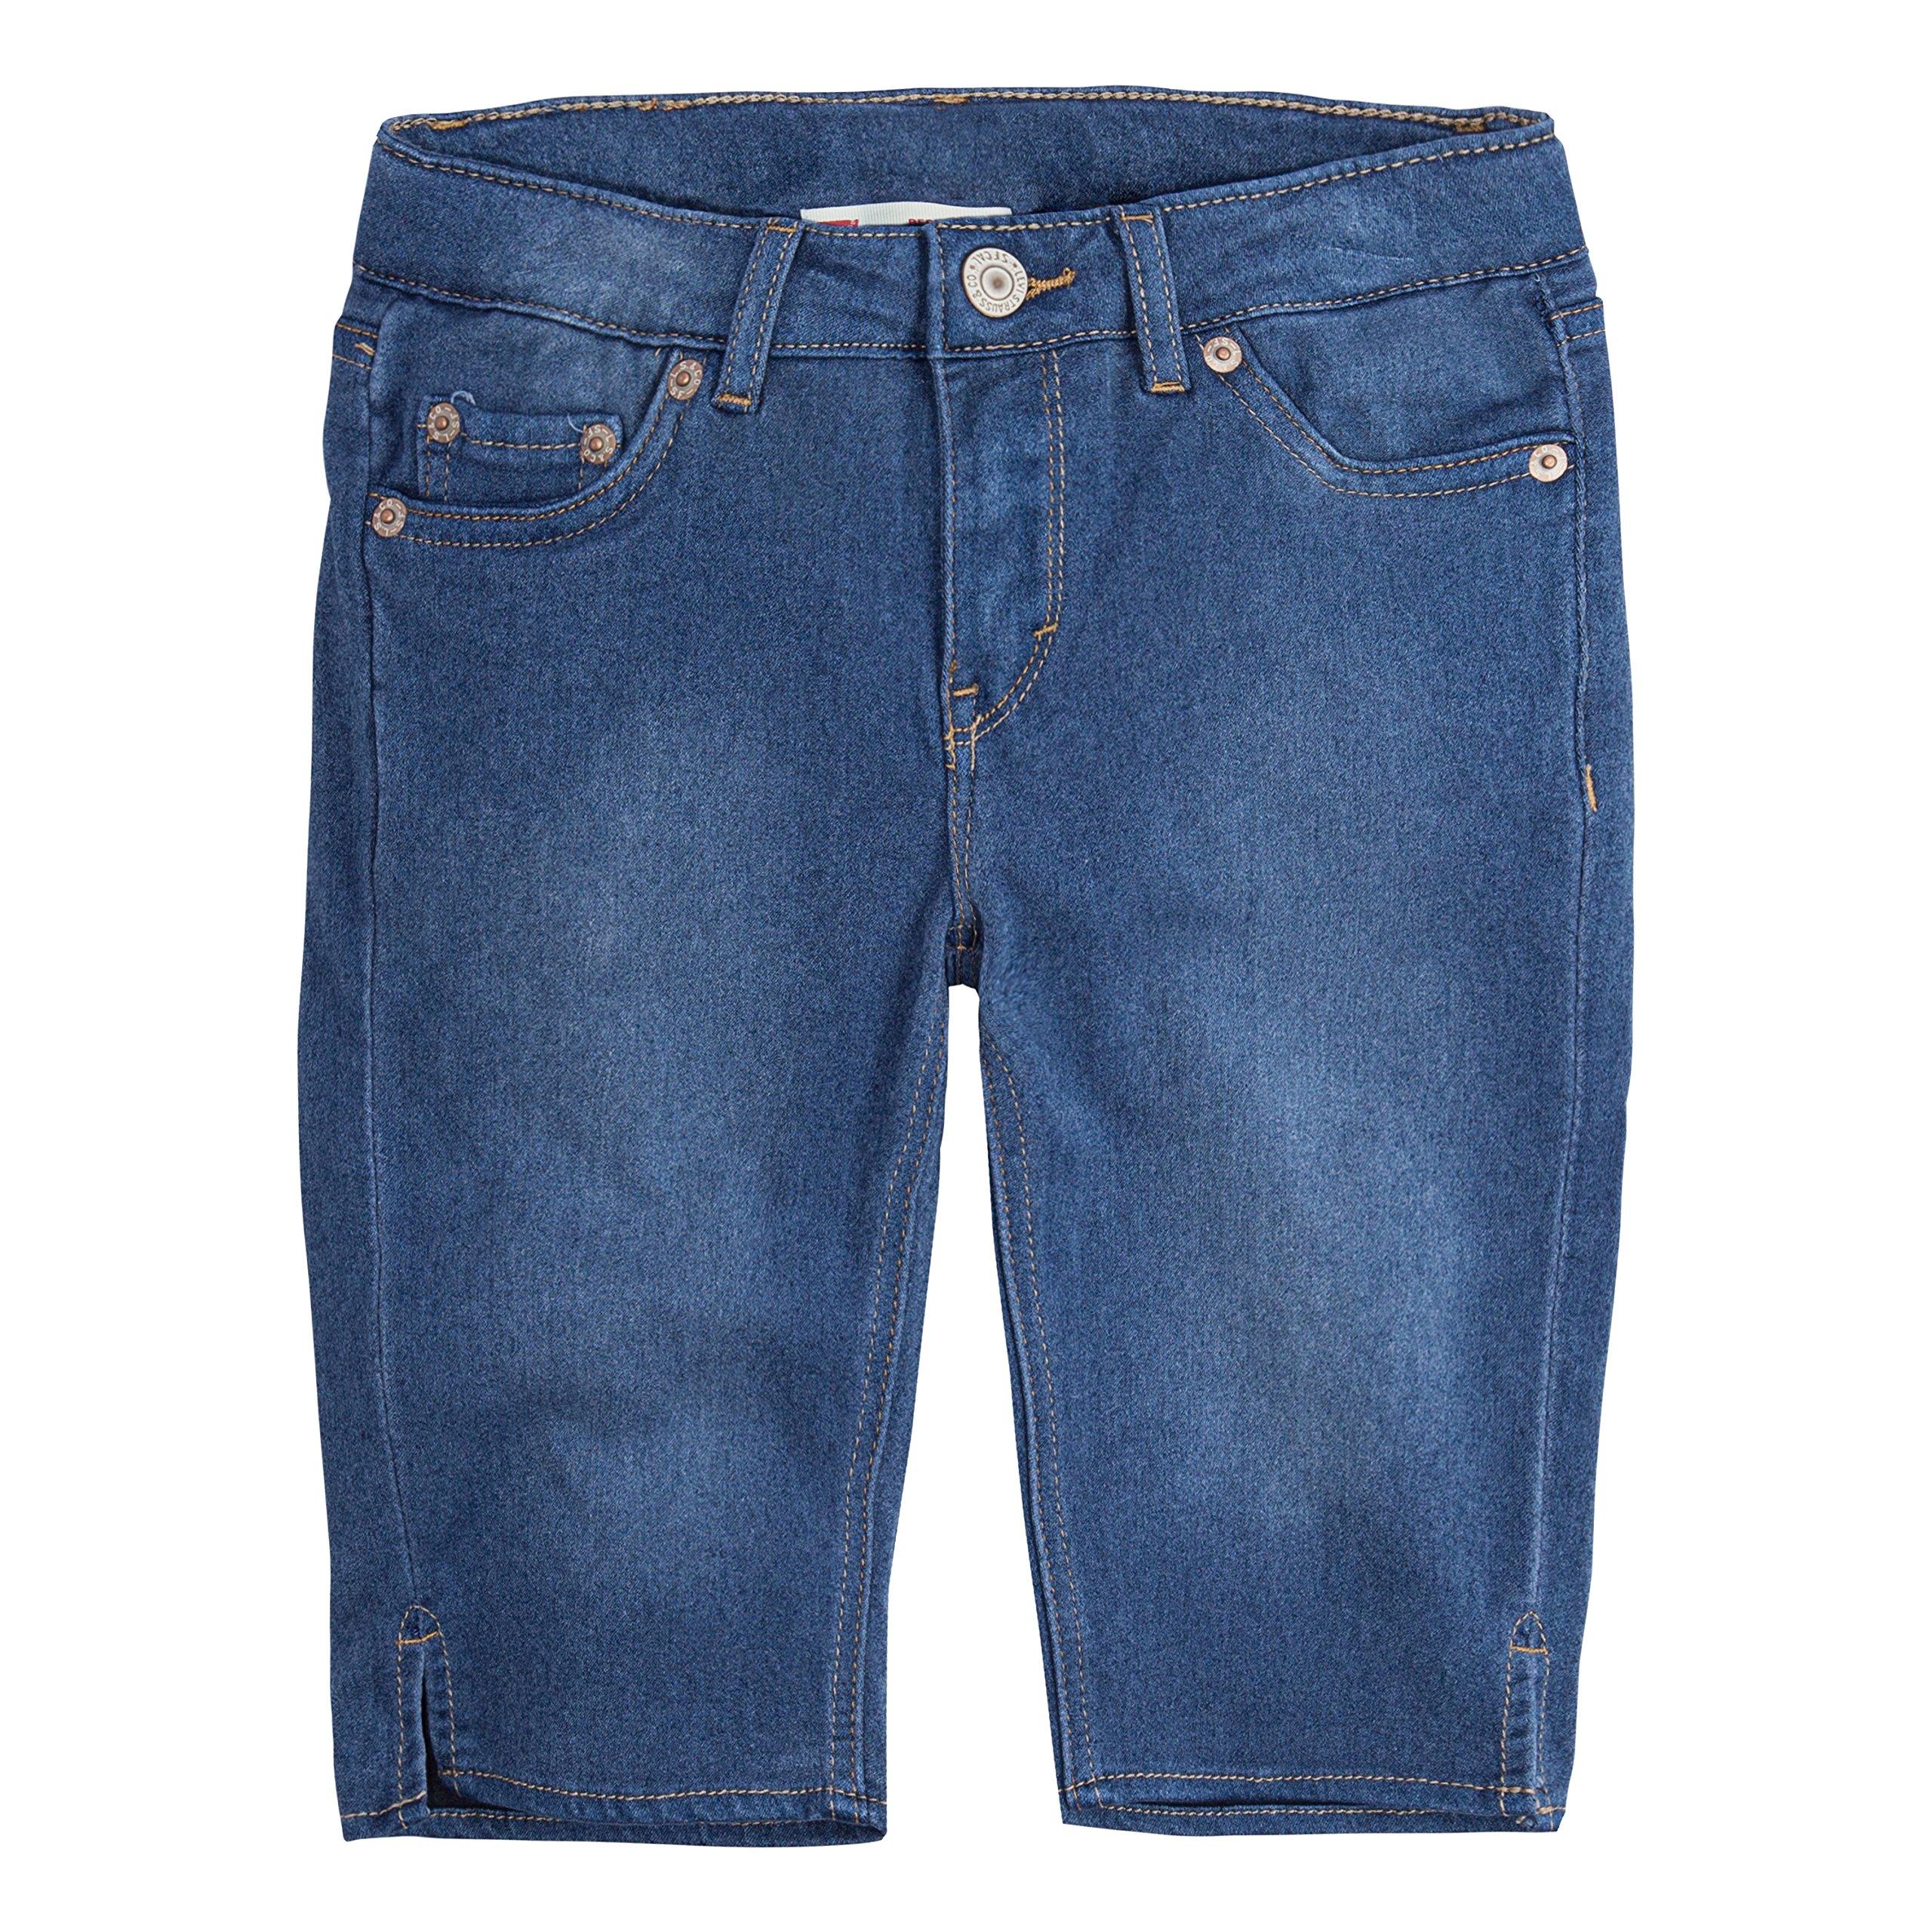 Levi's Girls' Big Super Soft Denim Bermuda Shorts, Medium Indigo, 10